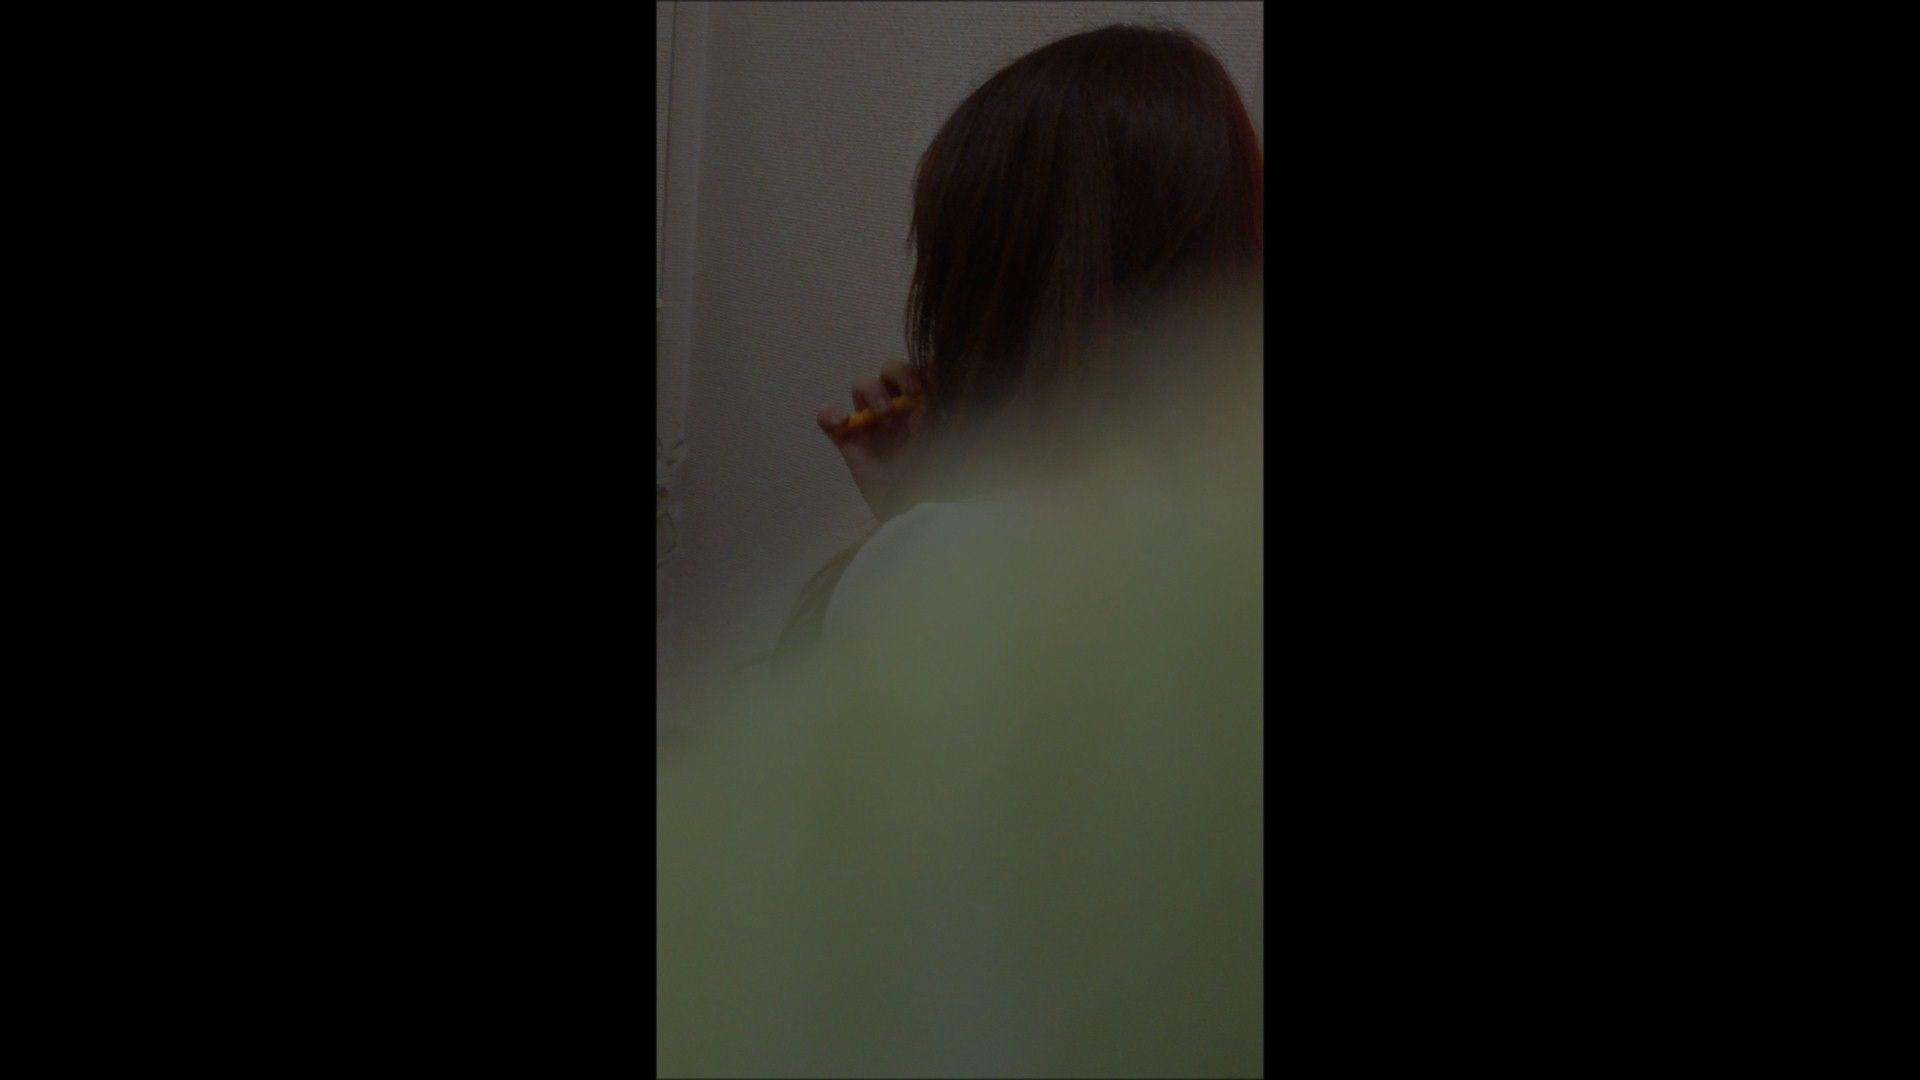 08(8日目)メイク中の彼女の顔を撮りました! 盗撮大放出 性交動画流出 51連発 2